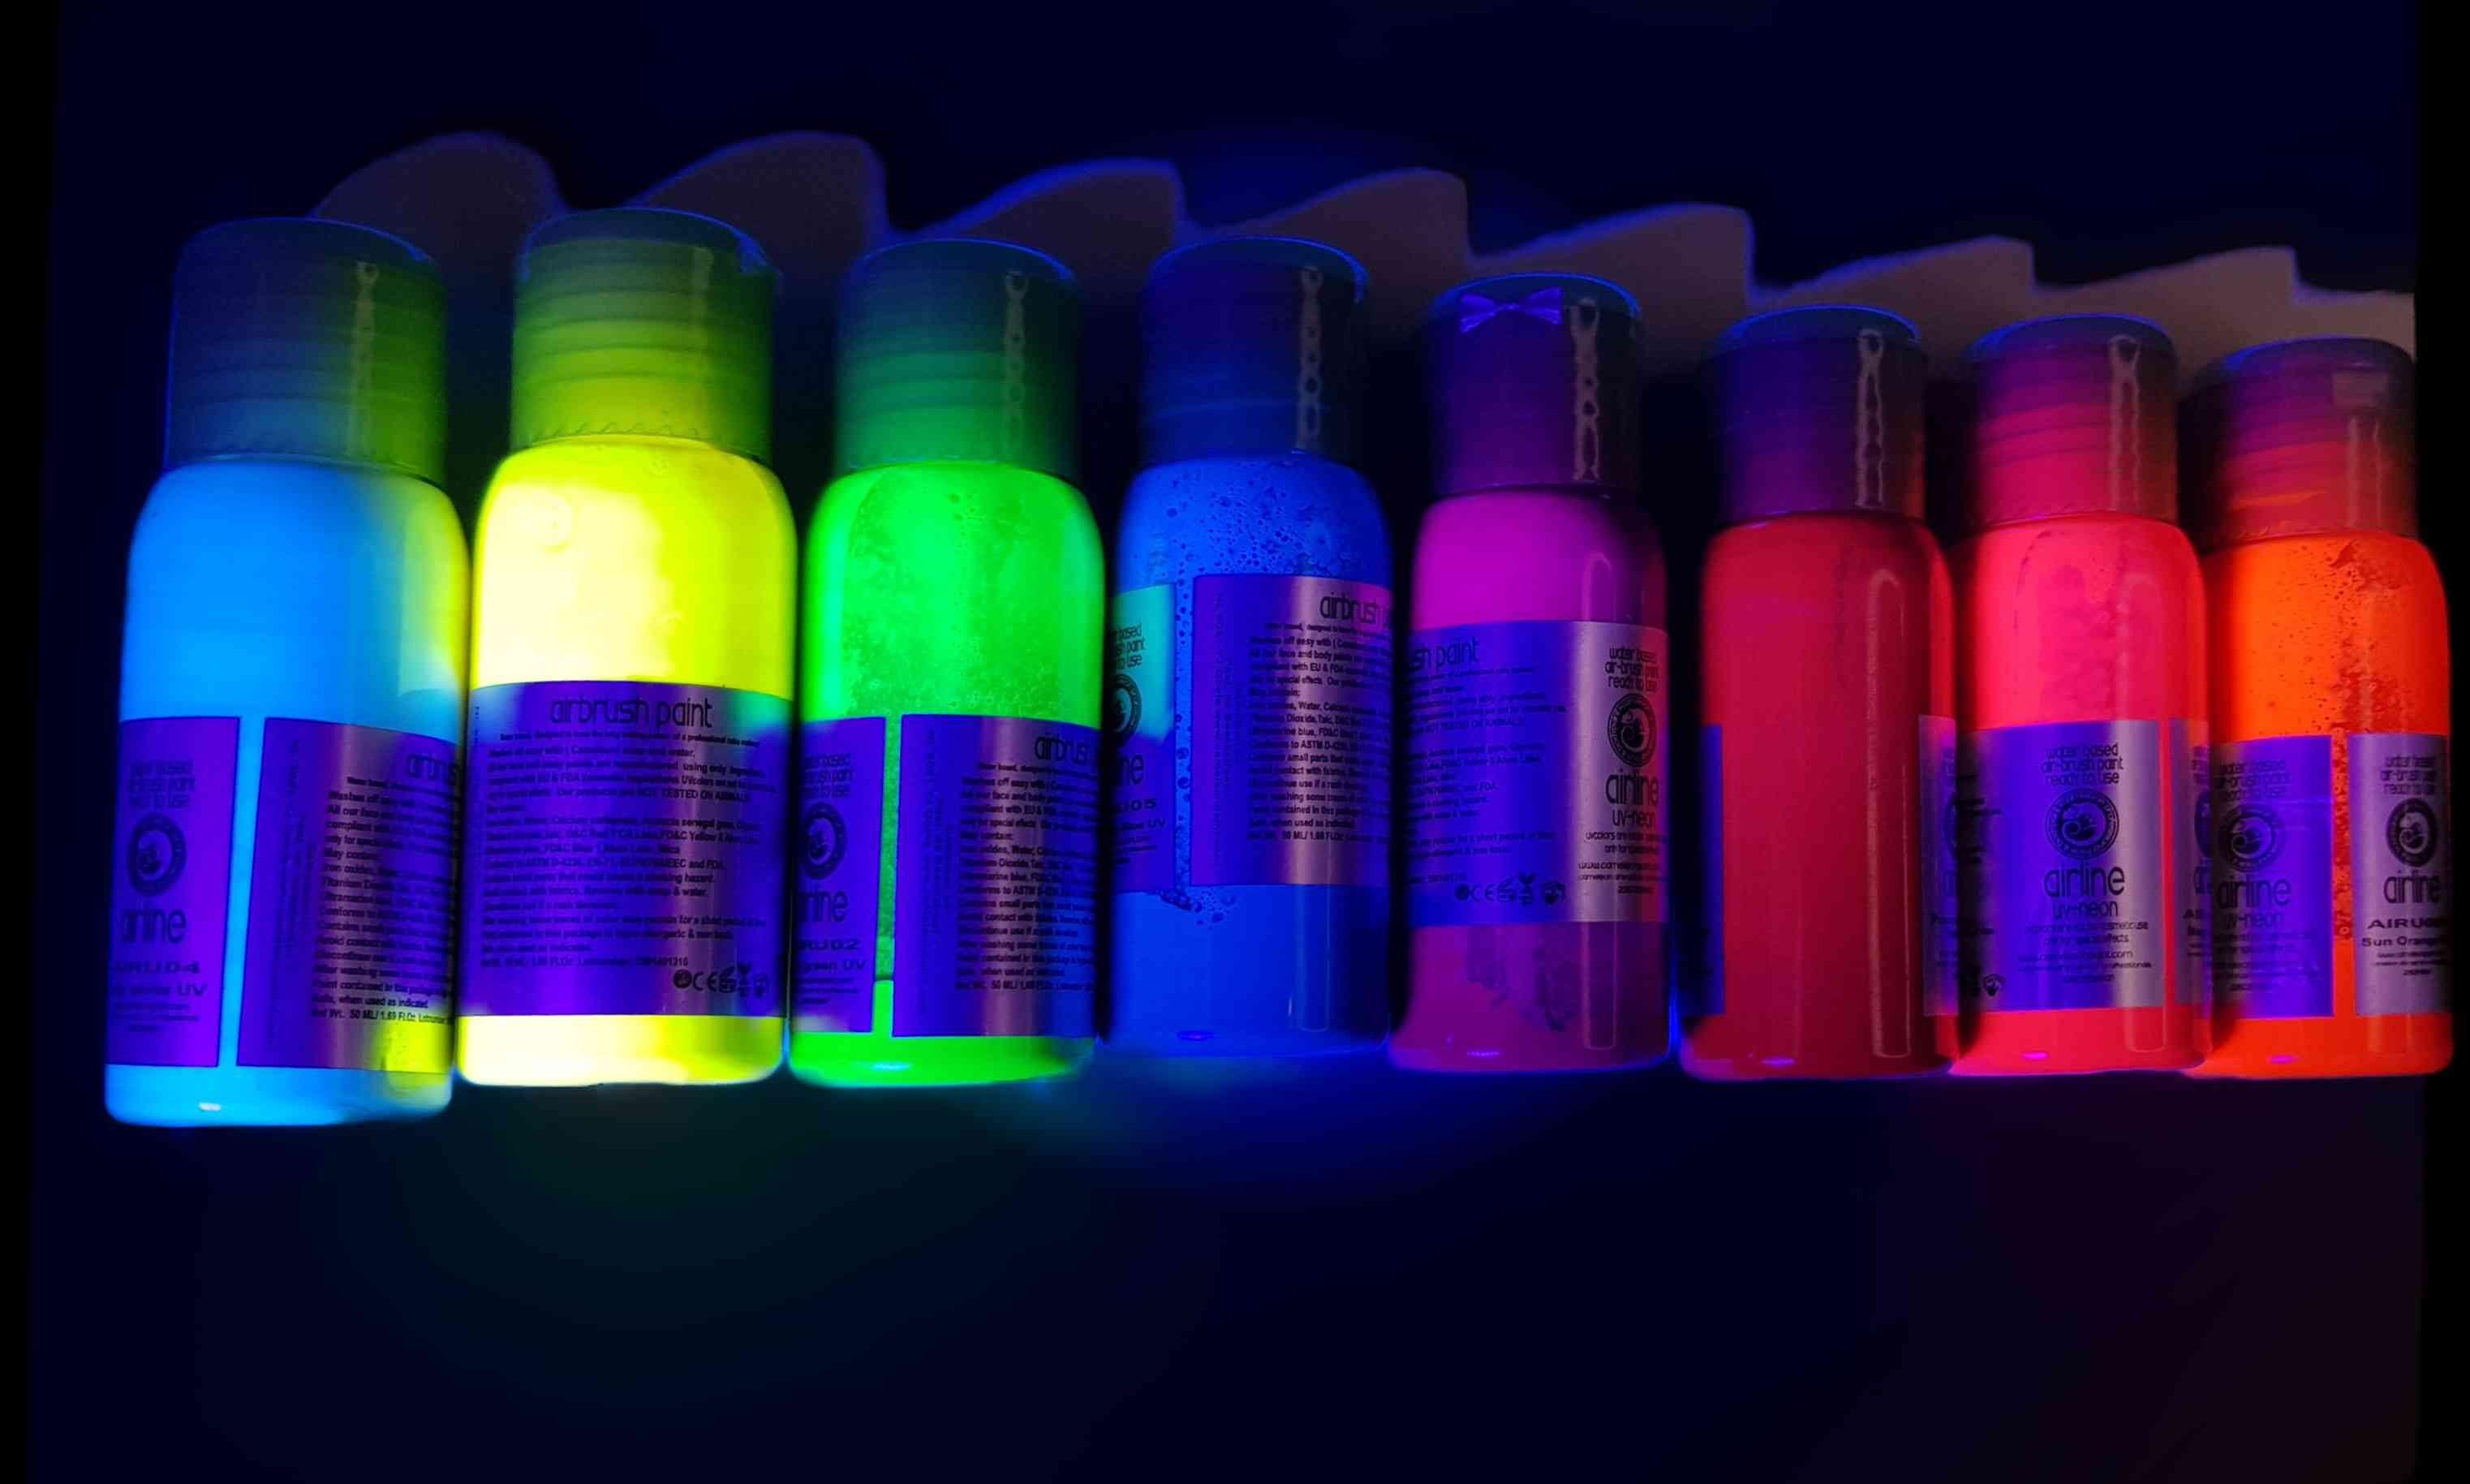 של סט 8 צבעי פנים וגוף נוזלים  זוהרים  neon airbrush color